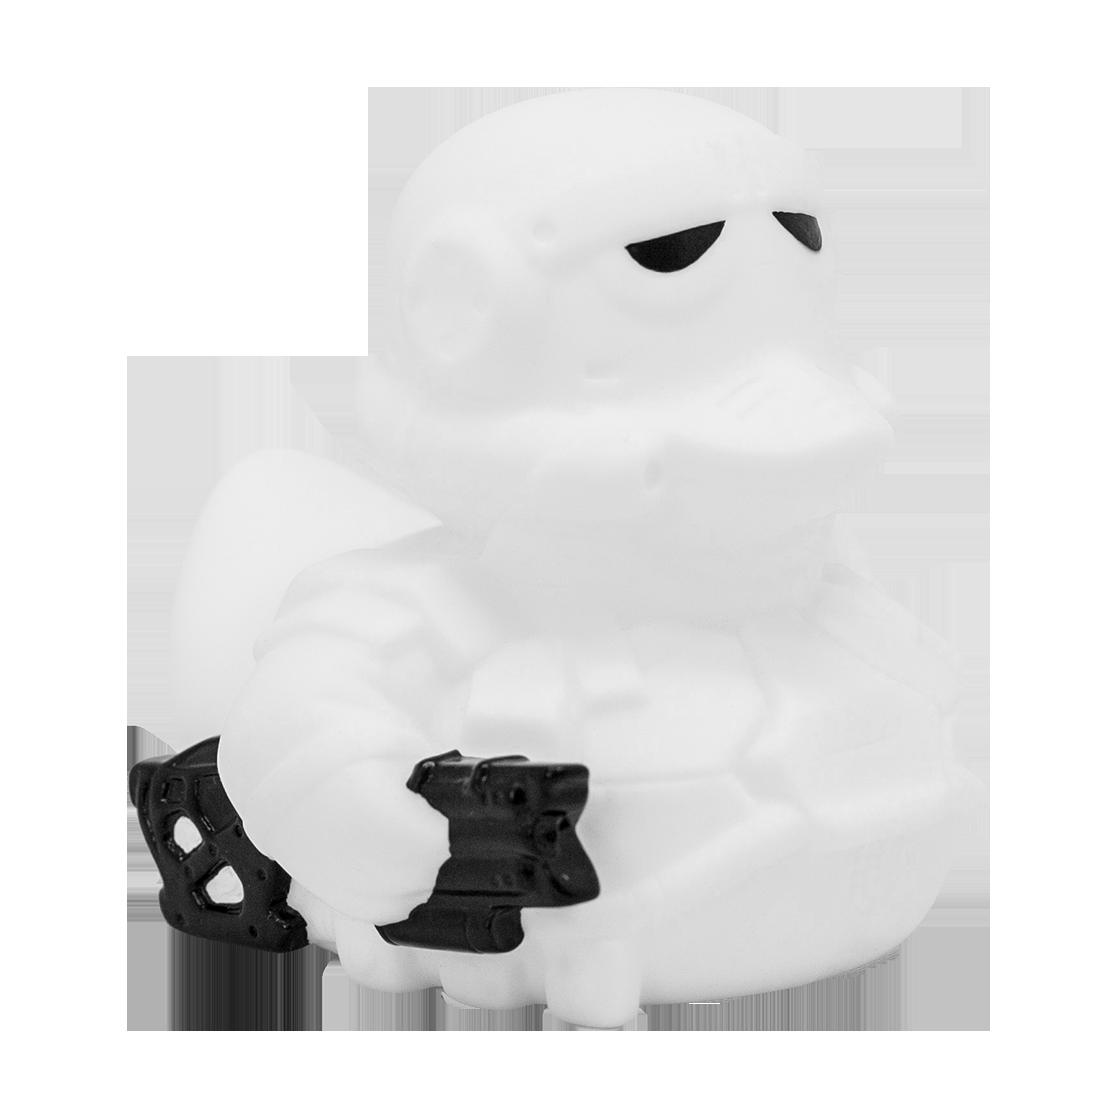 soldato-imperiale